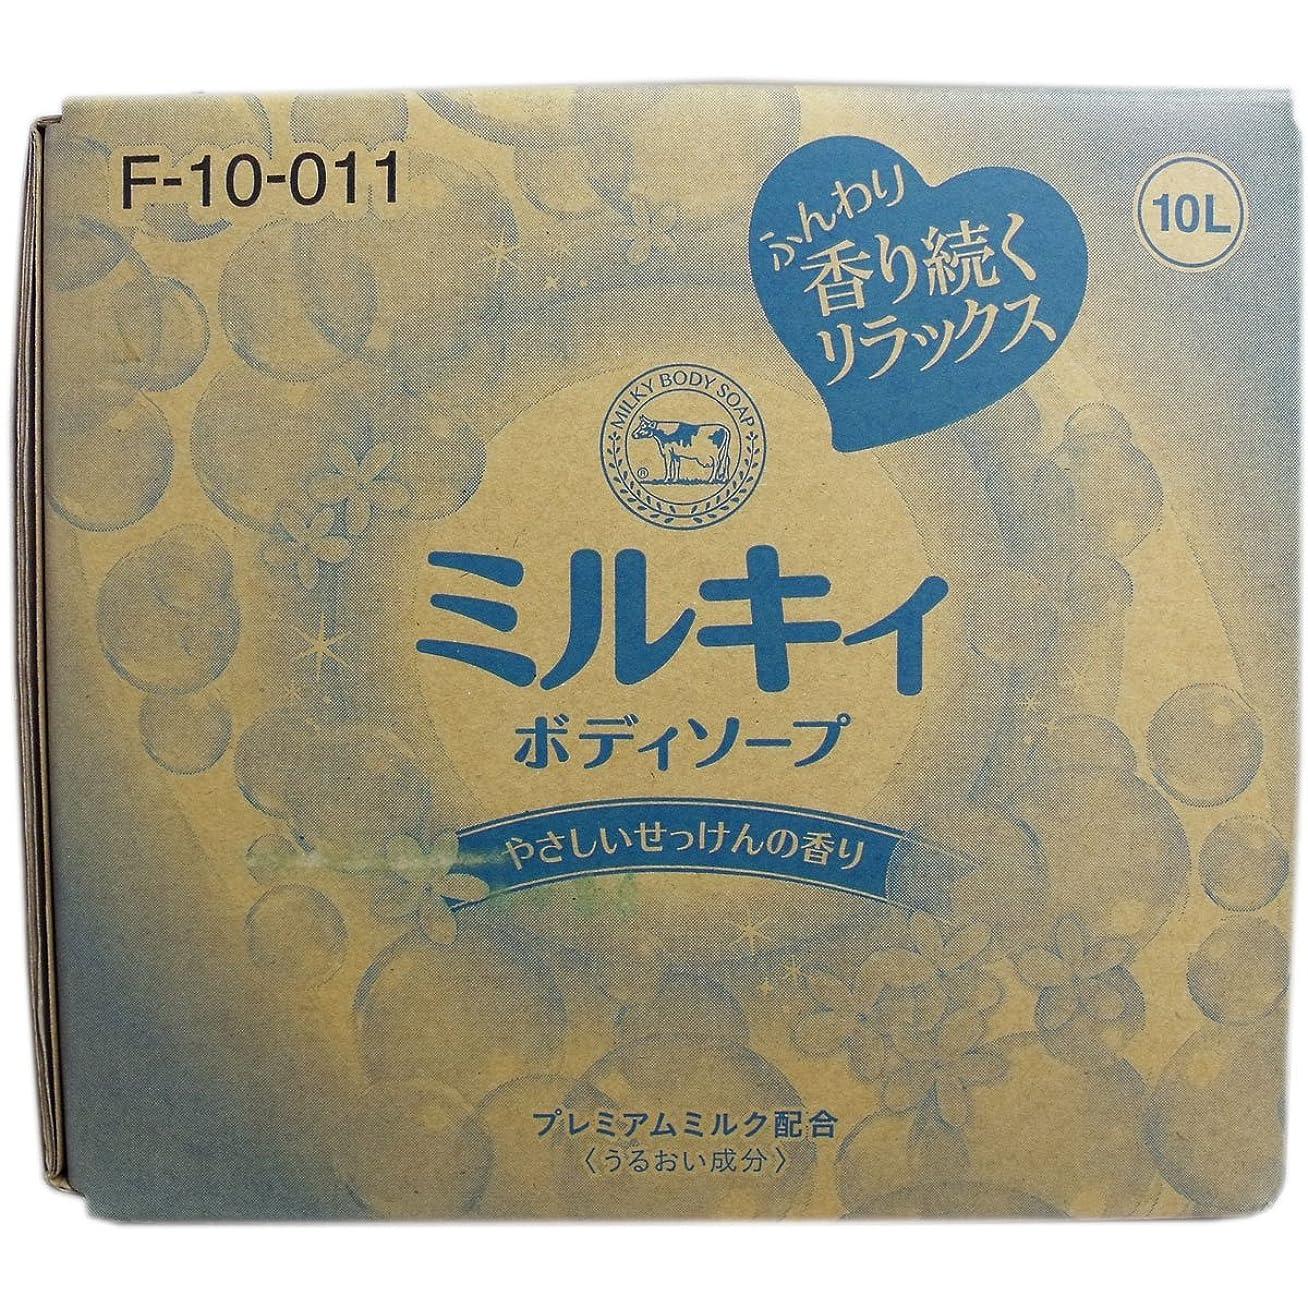 戦争もの一方、業務用ボディーソープ【牛乳石鹸 ミルキィボディソープ やさしいせっけんの香り 10L】